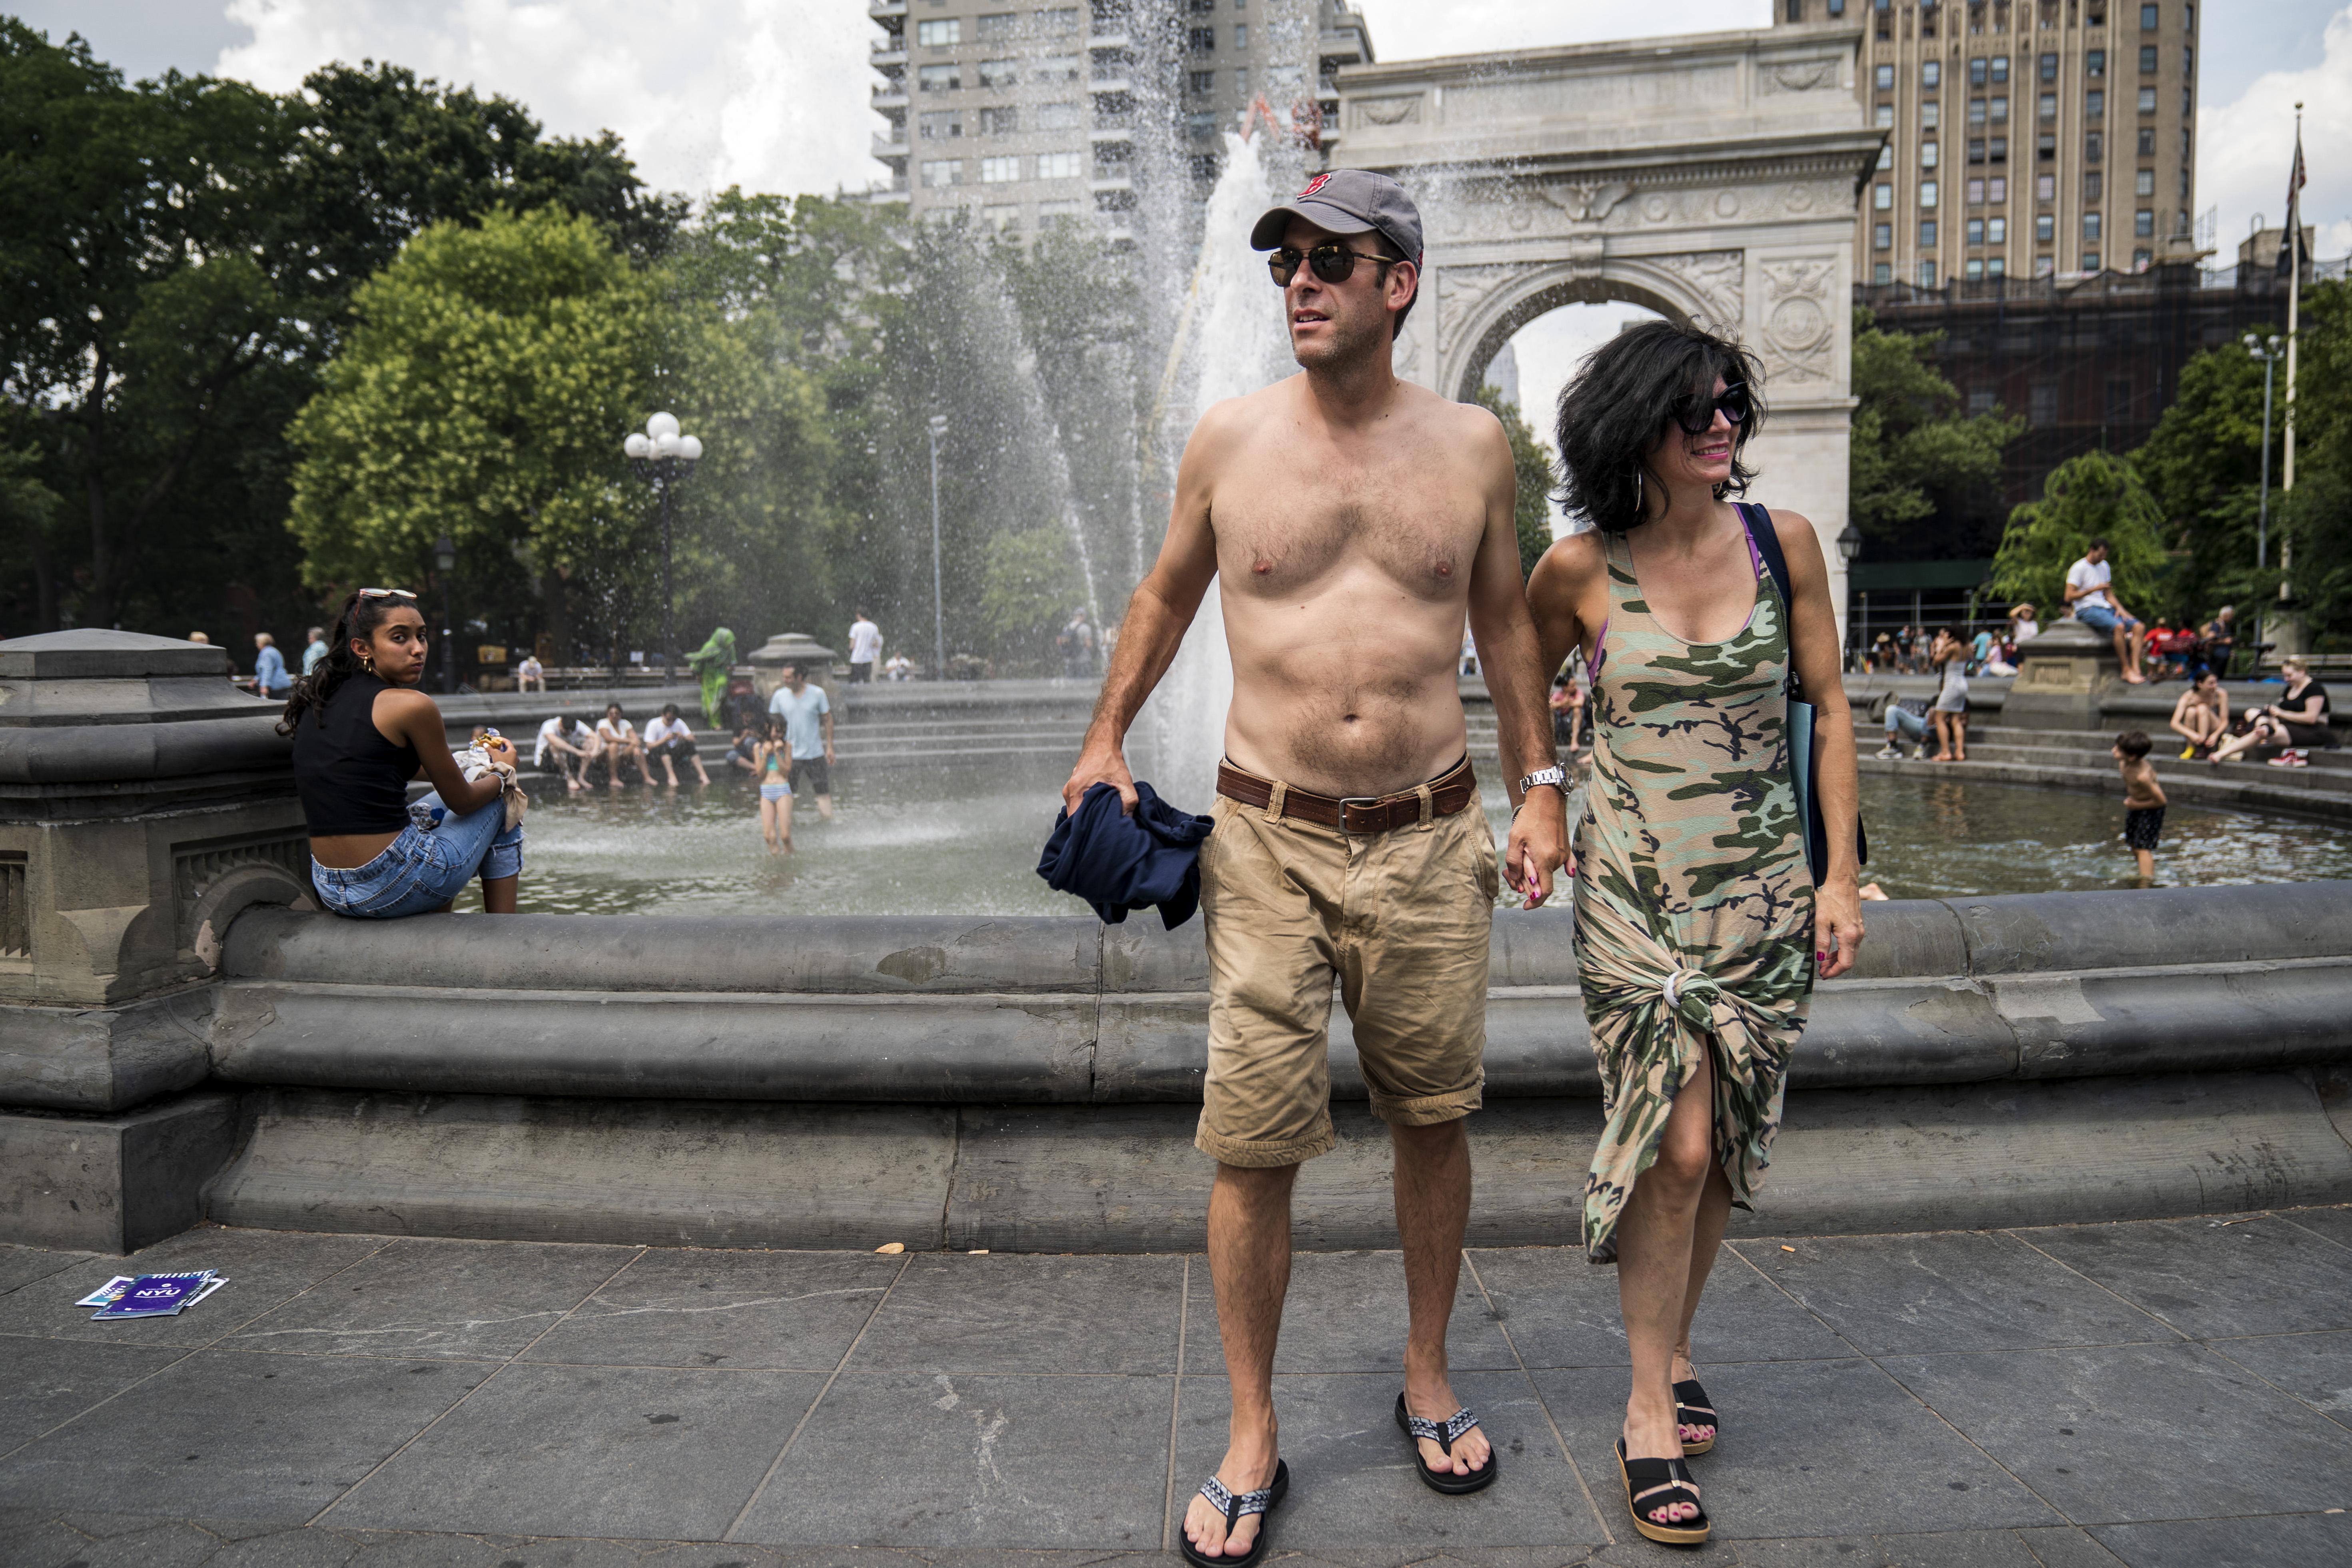 Personas se refrescan en una fuente en una muy calurosa Nueva York. Las temperaturas allí y en otras grandes ciudades de EEUU serán muy elevadas este fin de semana. (Drew Angerer/Getty Images)